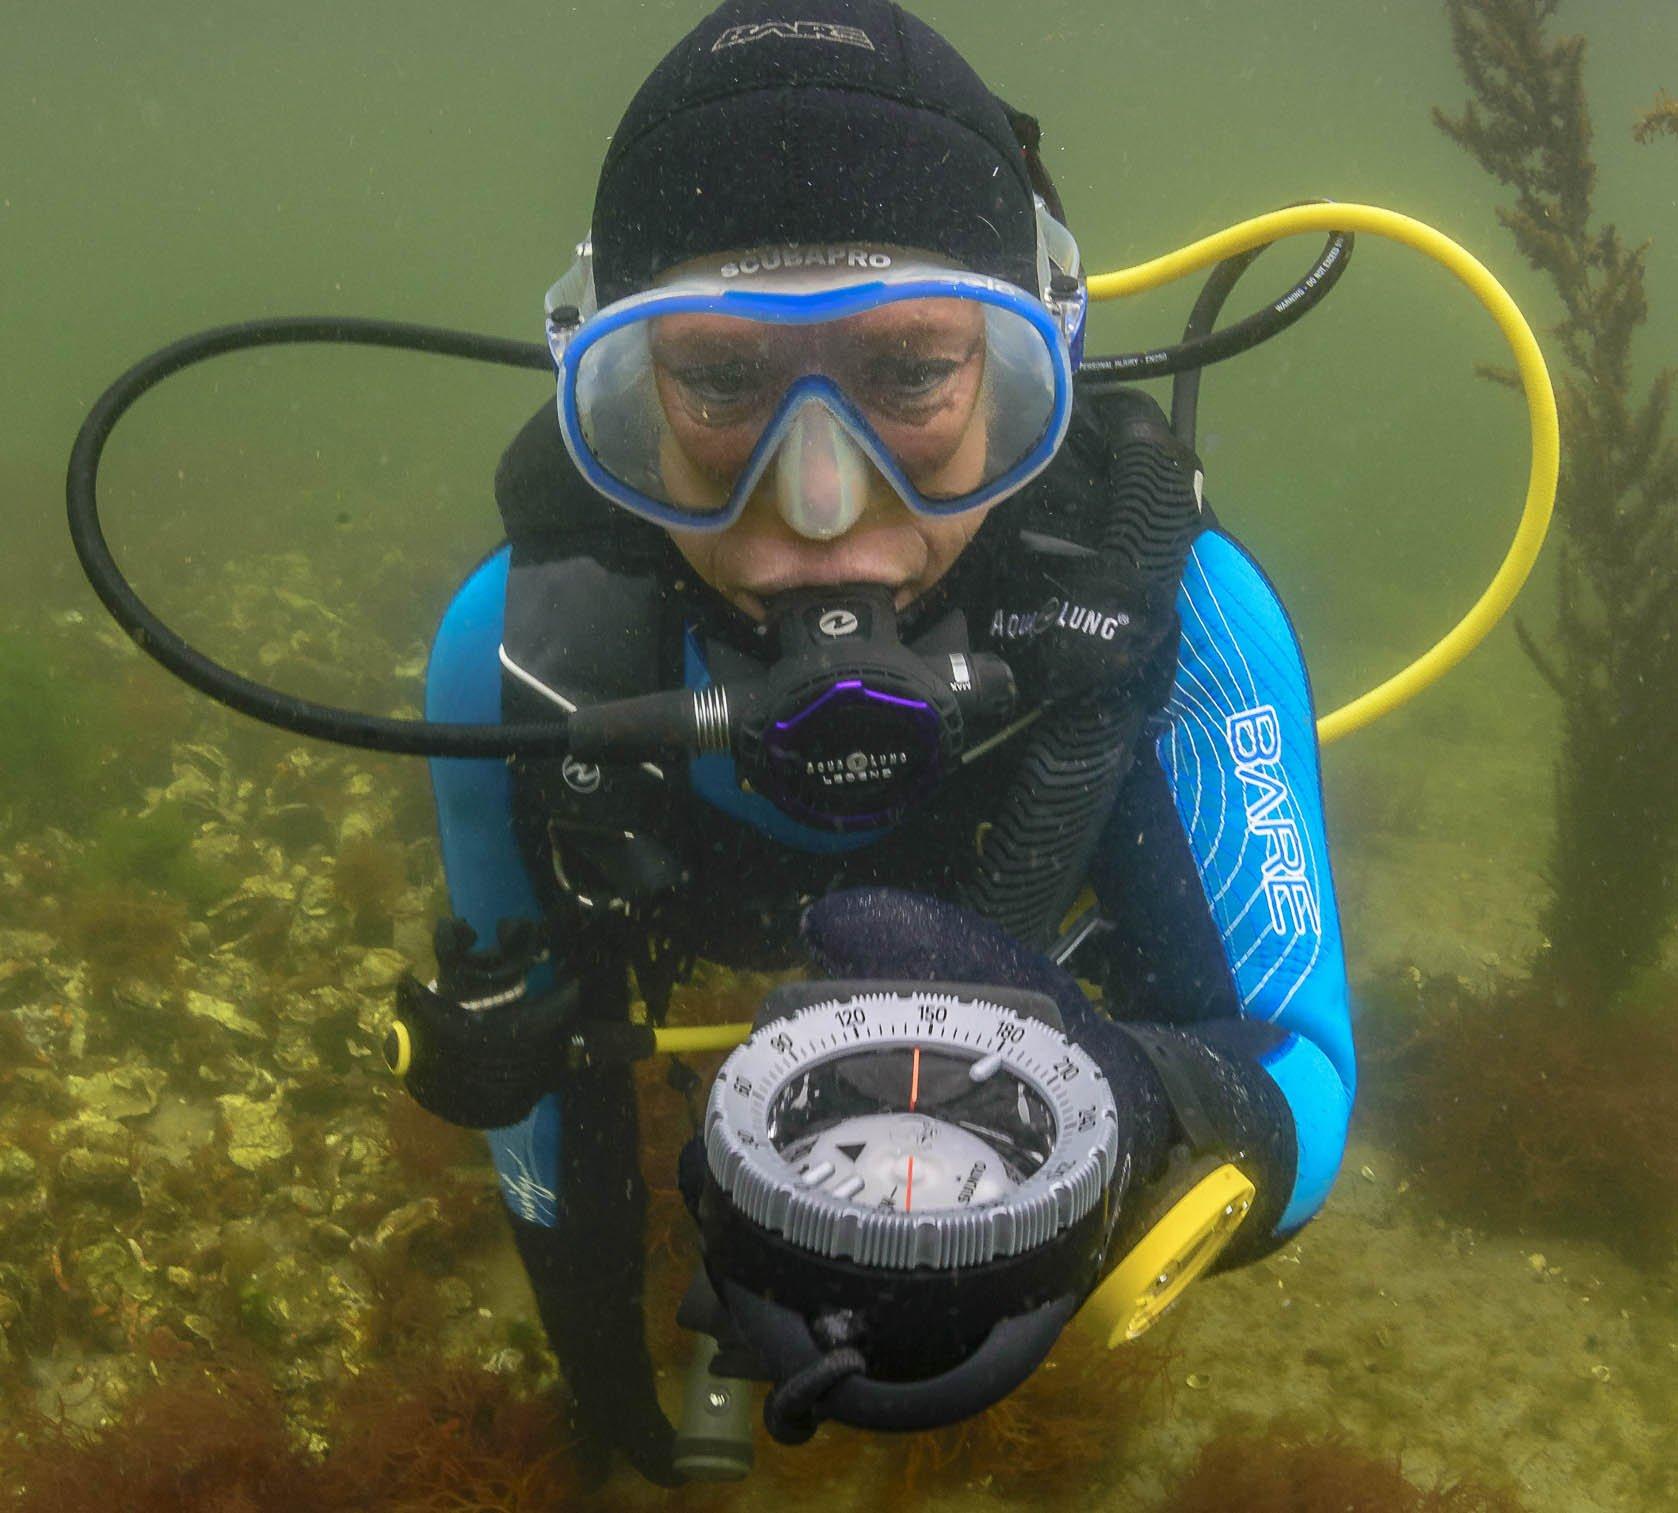 Morgenochtend bij @rtvutrecht het NK Onderwateroriëntatie uit 1970! #duikteamnautilus #goudentijden (foto: Rob Aarsen) https://t.co/znxTNRQ0Sa